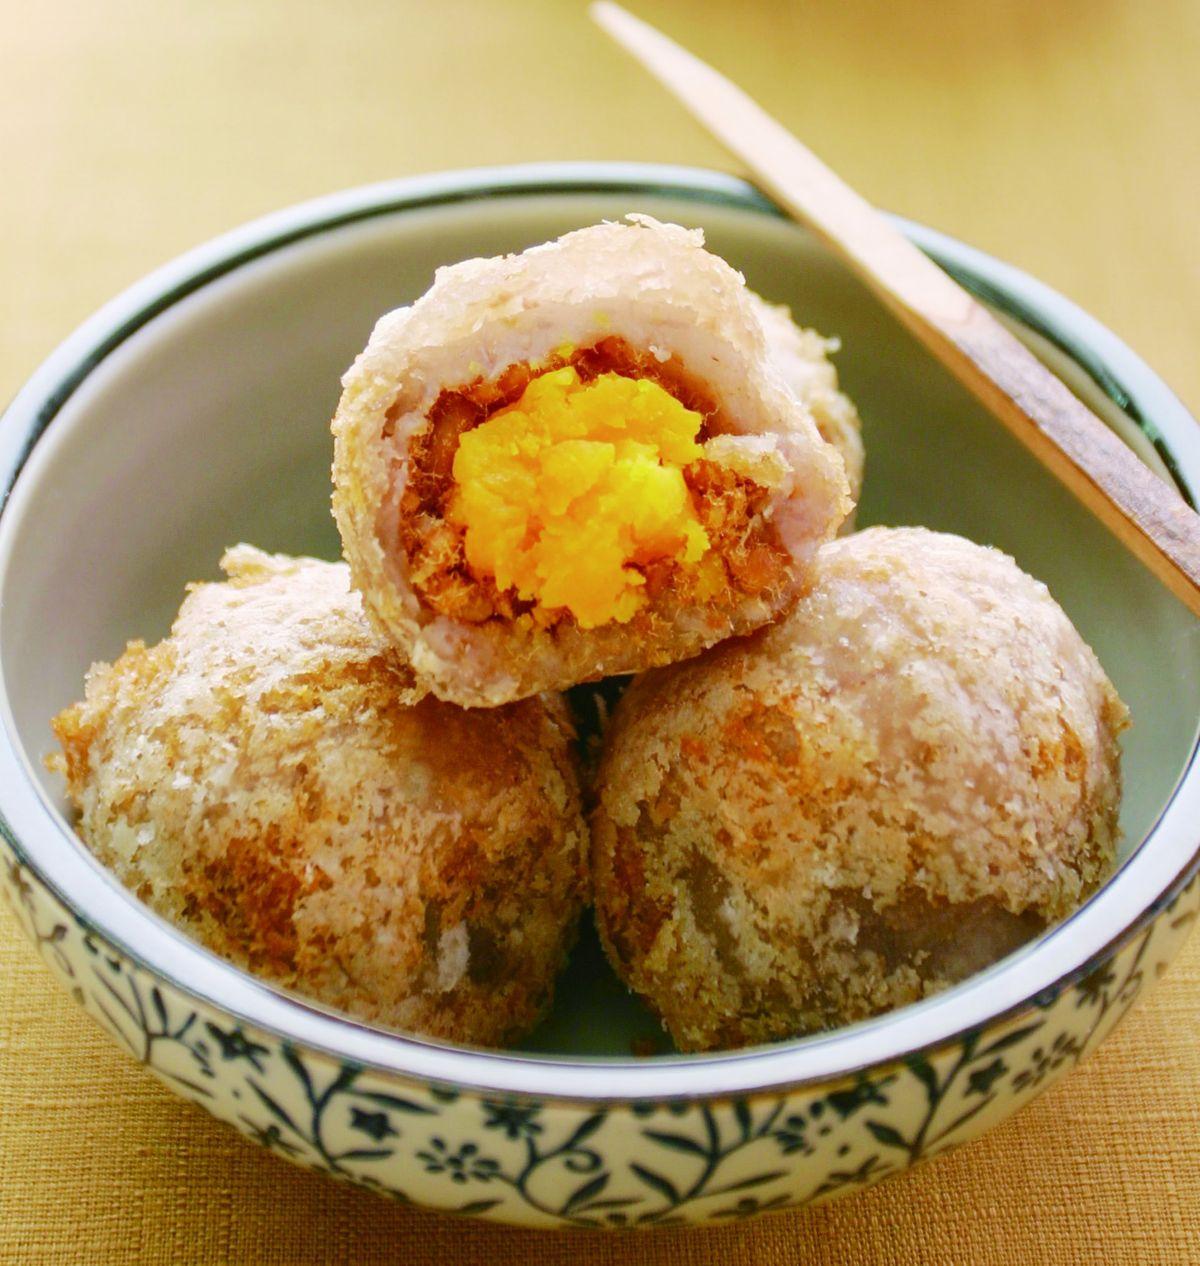 食譜:豆沙蛋黃芋丸